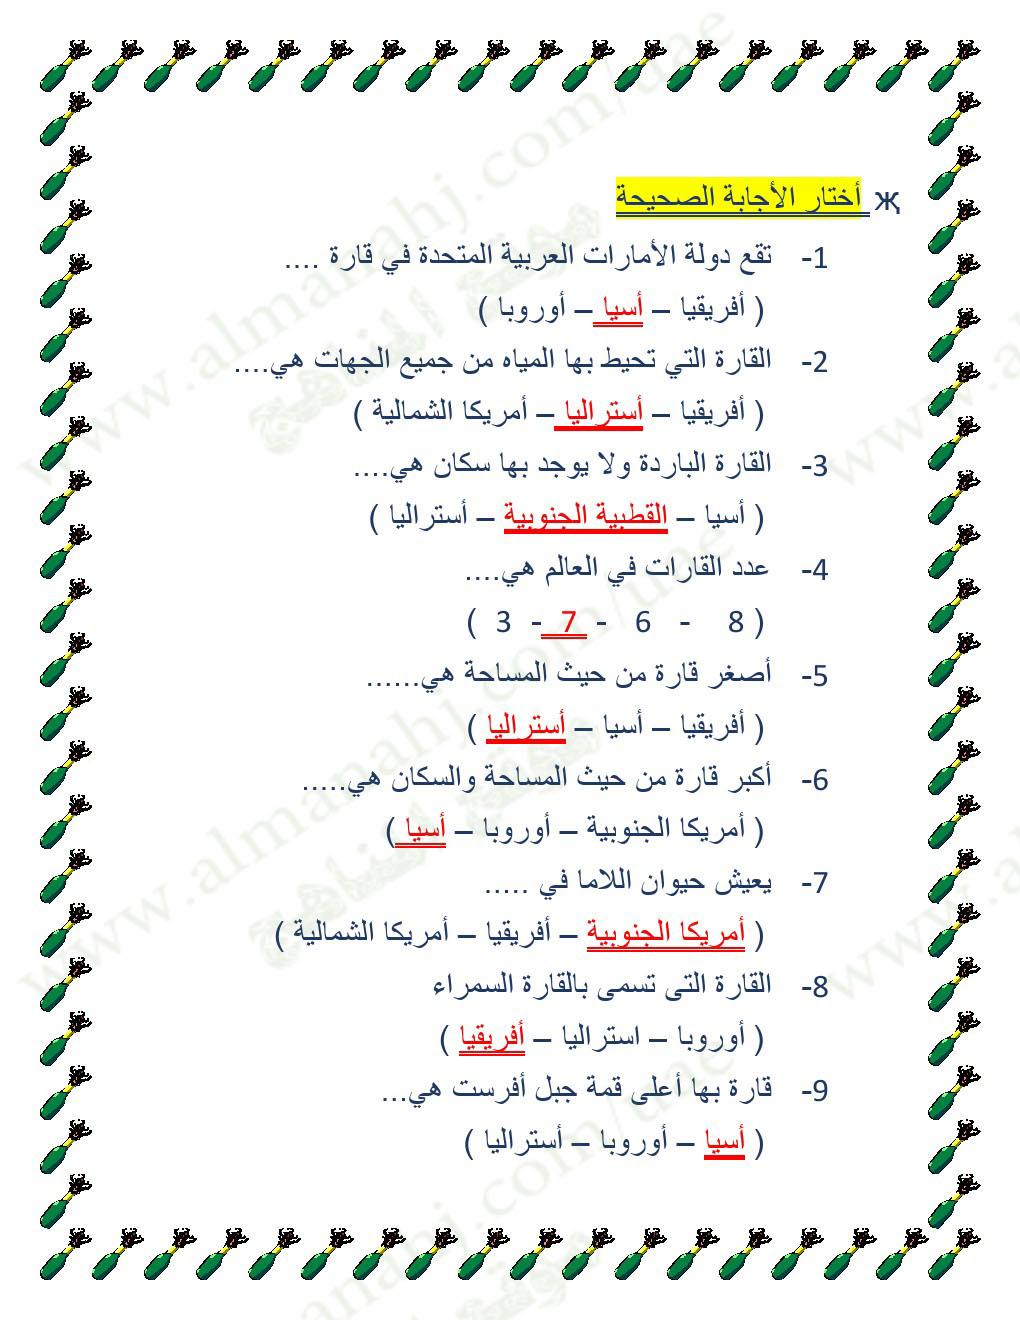 تلخيص أوراق عمل مع الحل الدرس الثاني القارات الصف السادس